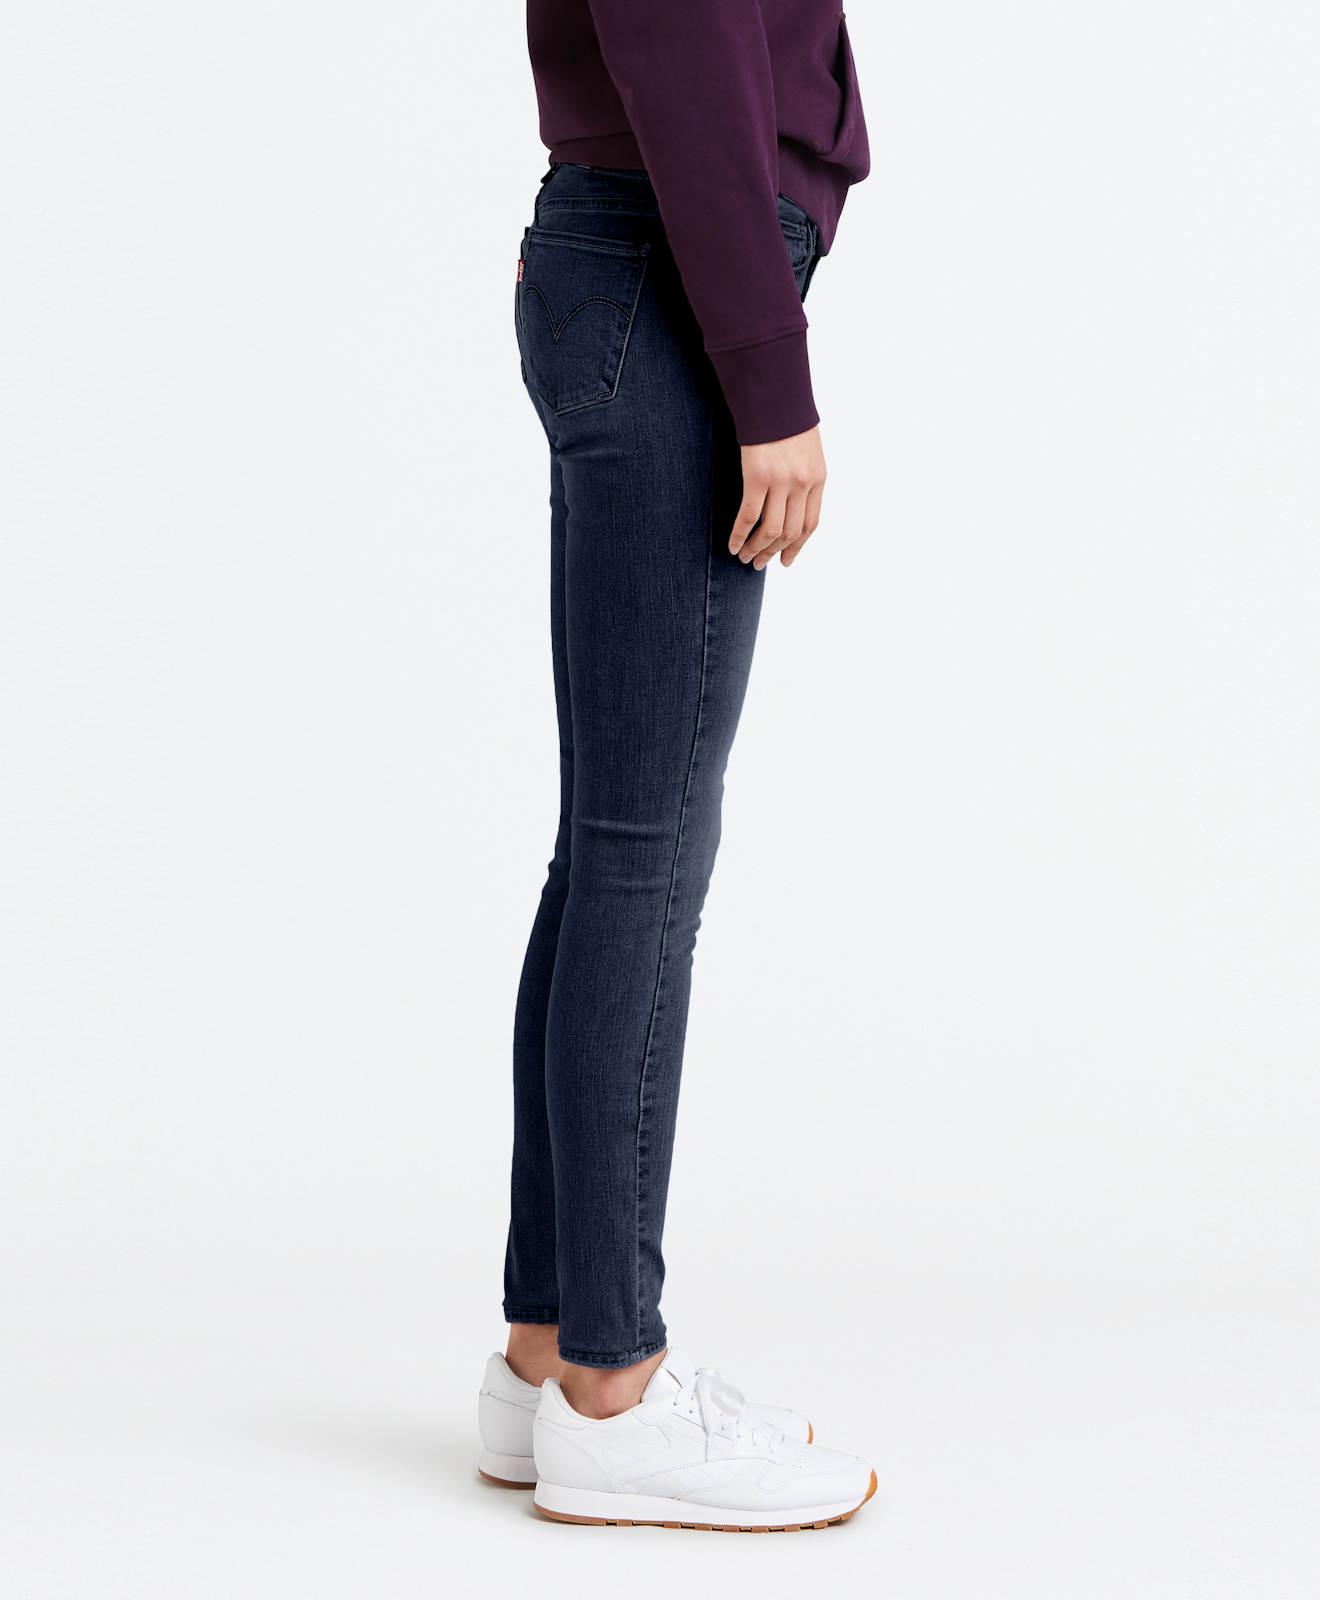 Levi's Skinny Innovazione Damen Jeans Hose Celestial Super Rinse Denim ® XwZwqrORtx